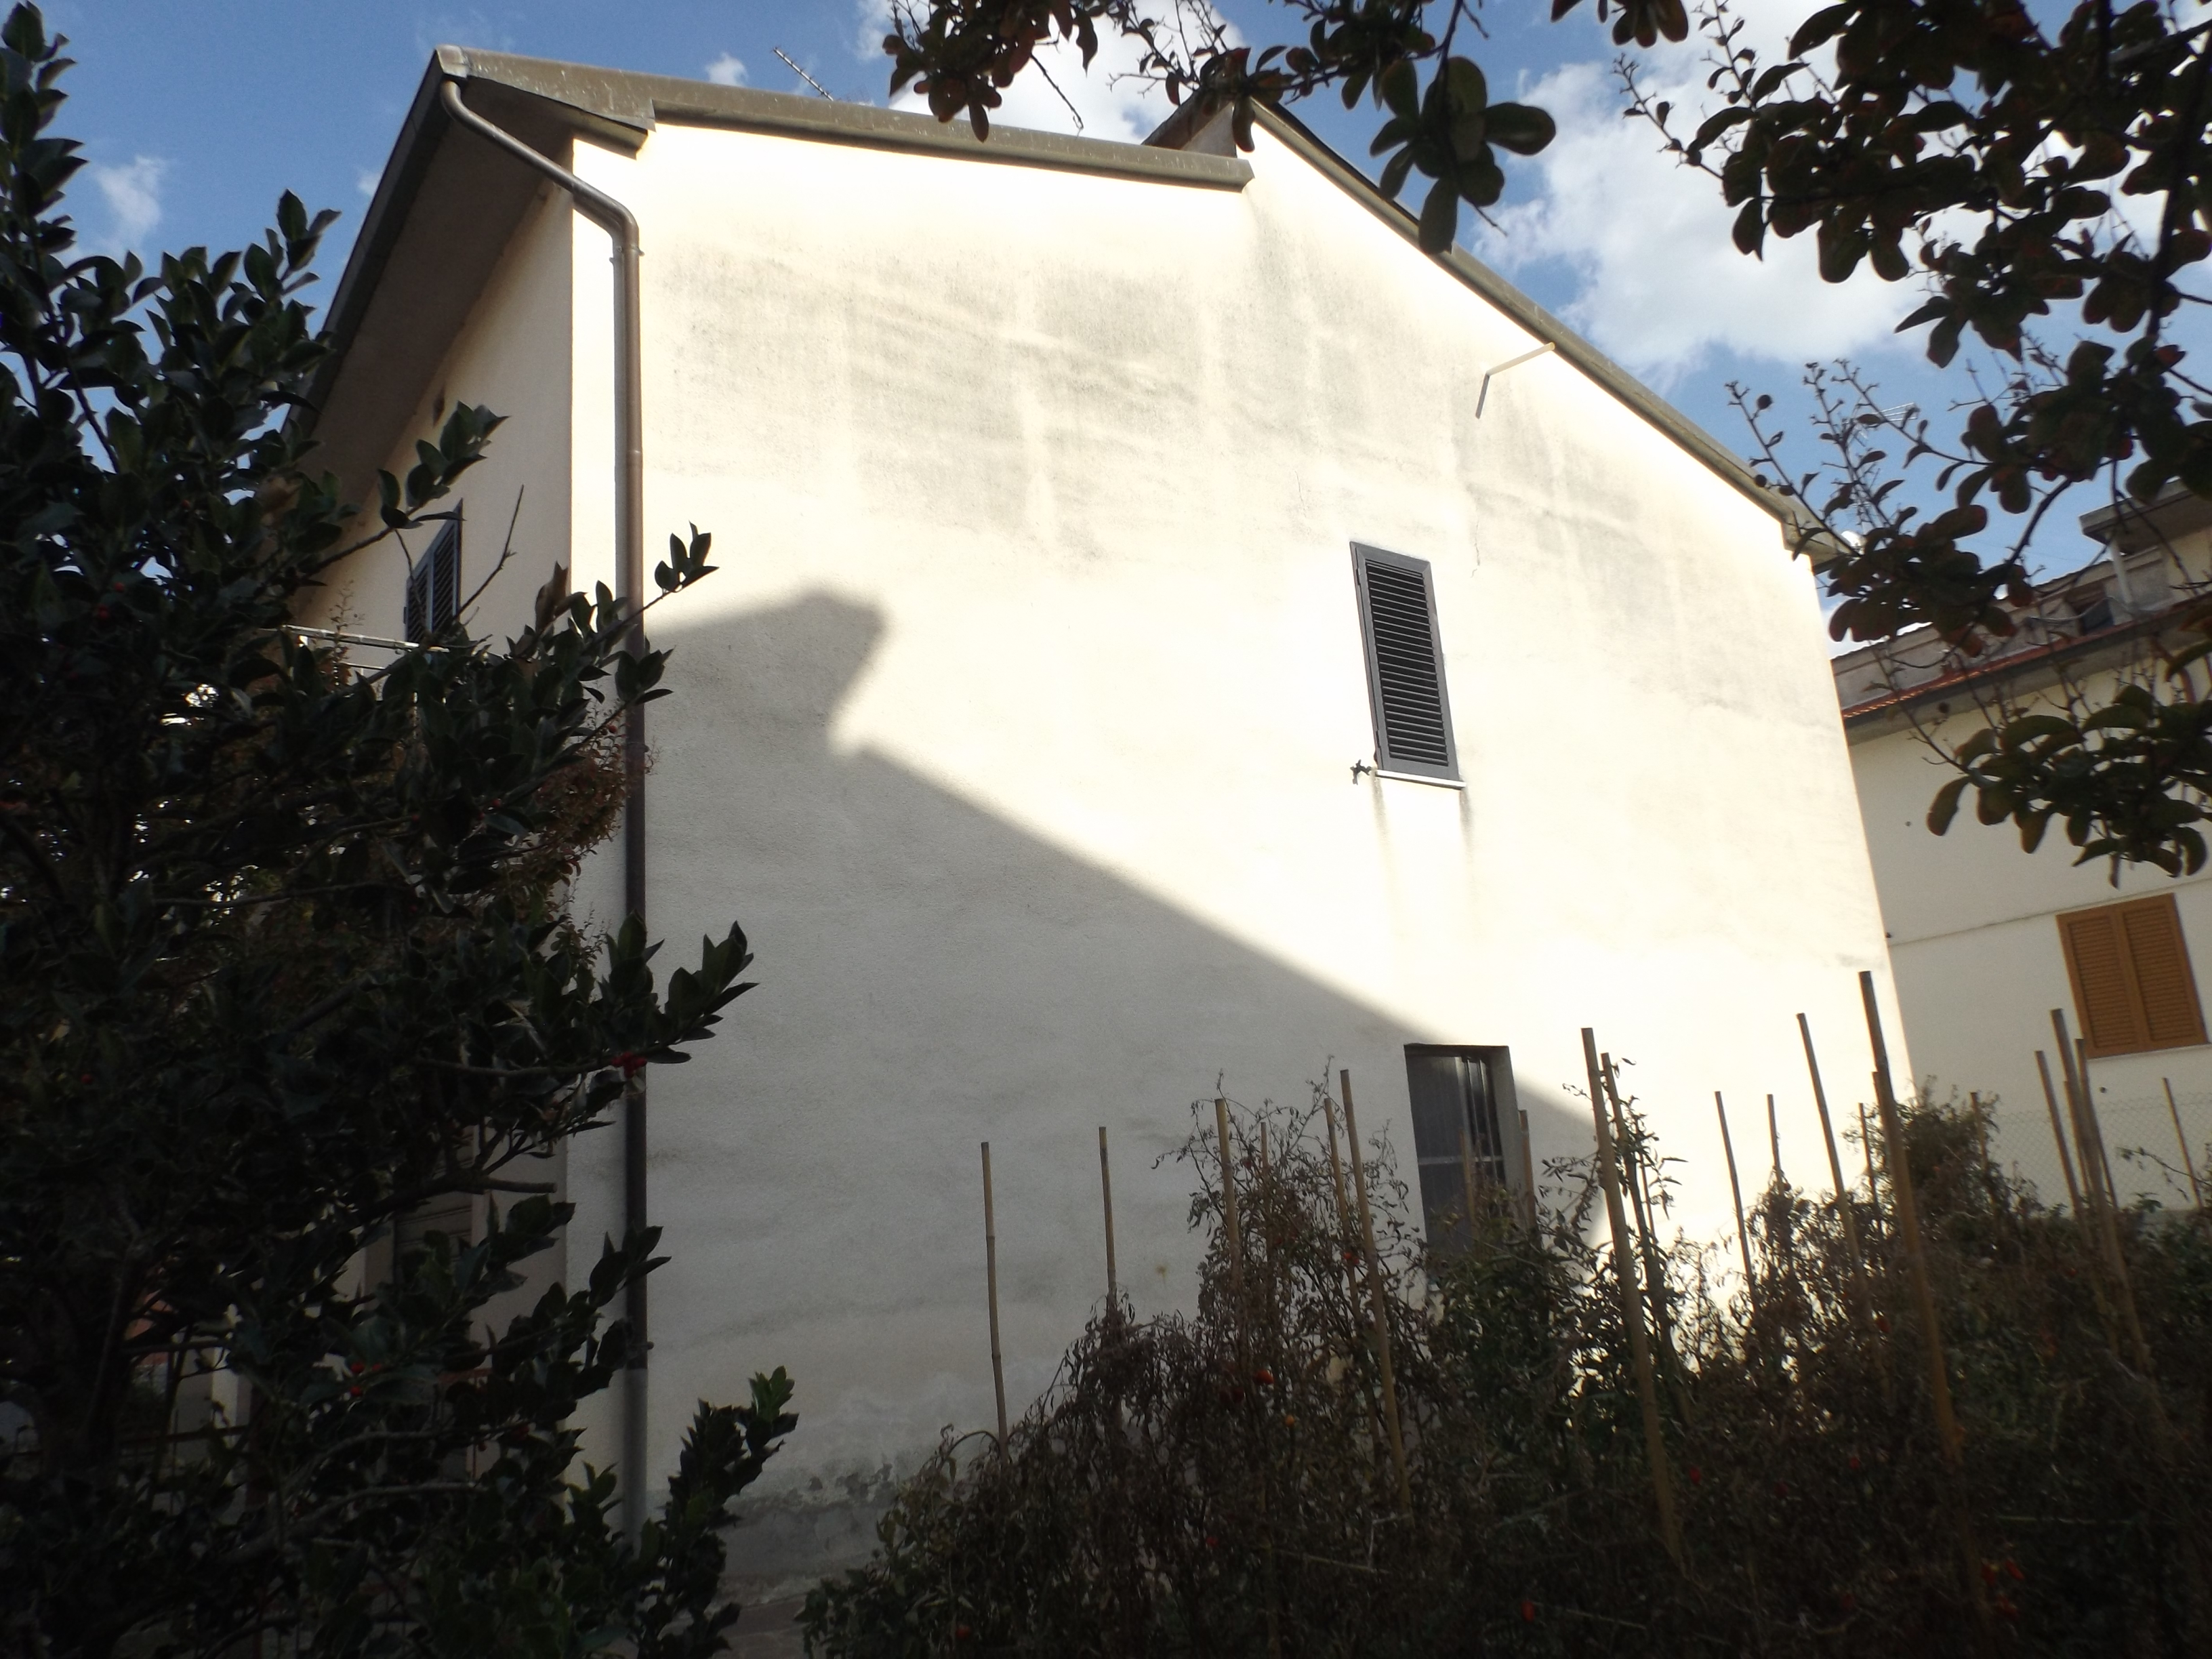 Agenzie Immobiliari Arezzo vendita archivi > pagina 3 di 41 > agenzia immobiliare